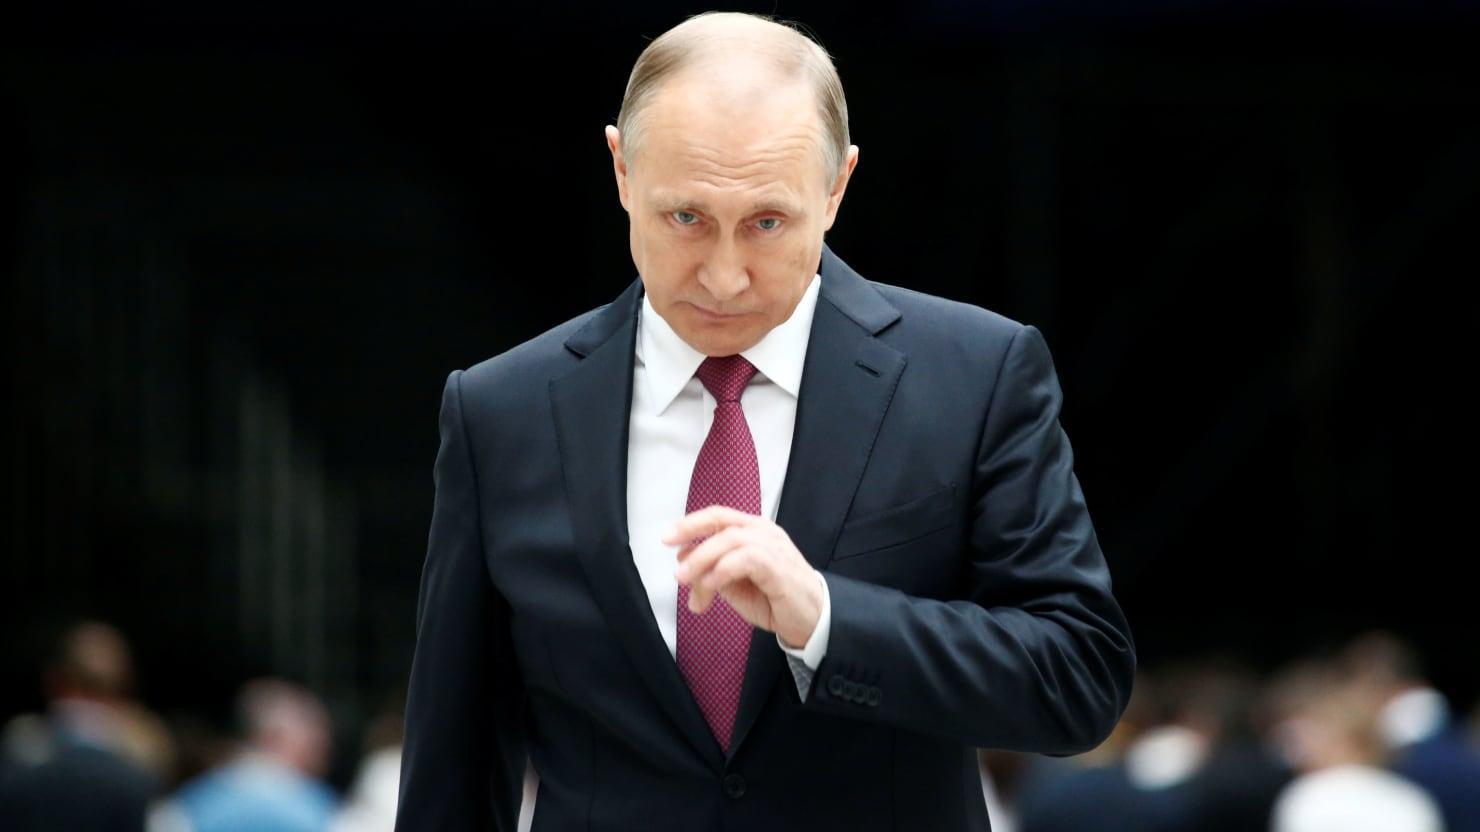 Ông Putin lần đầu thừa nhận có cháu ngoại - 1